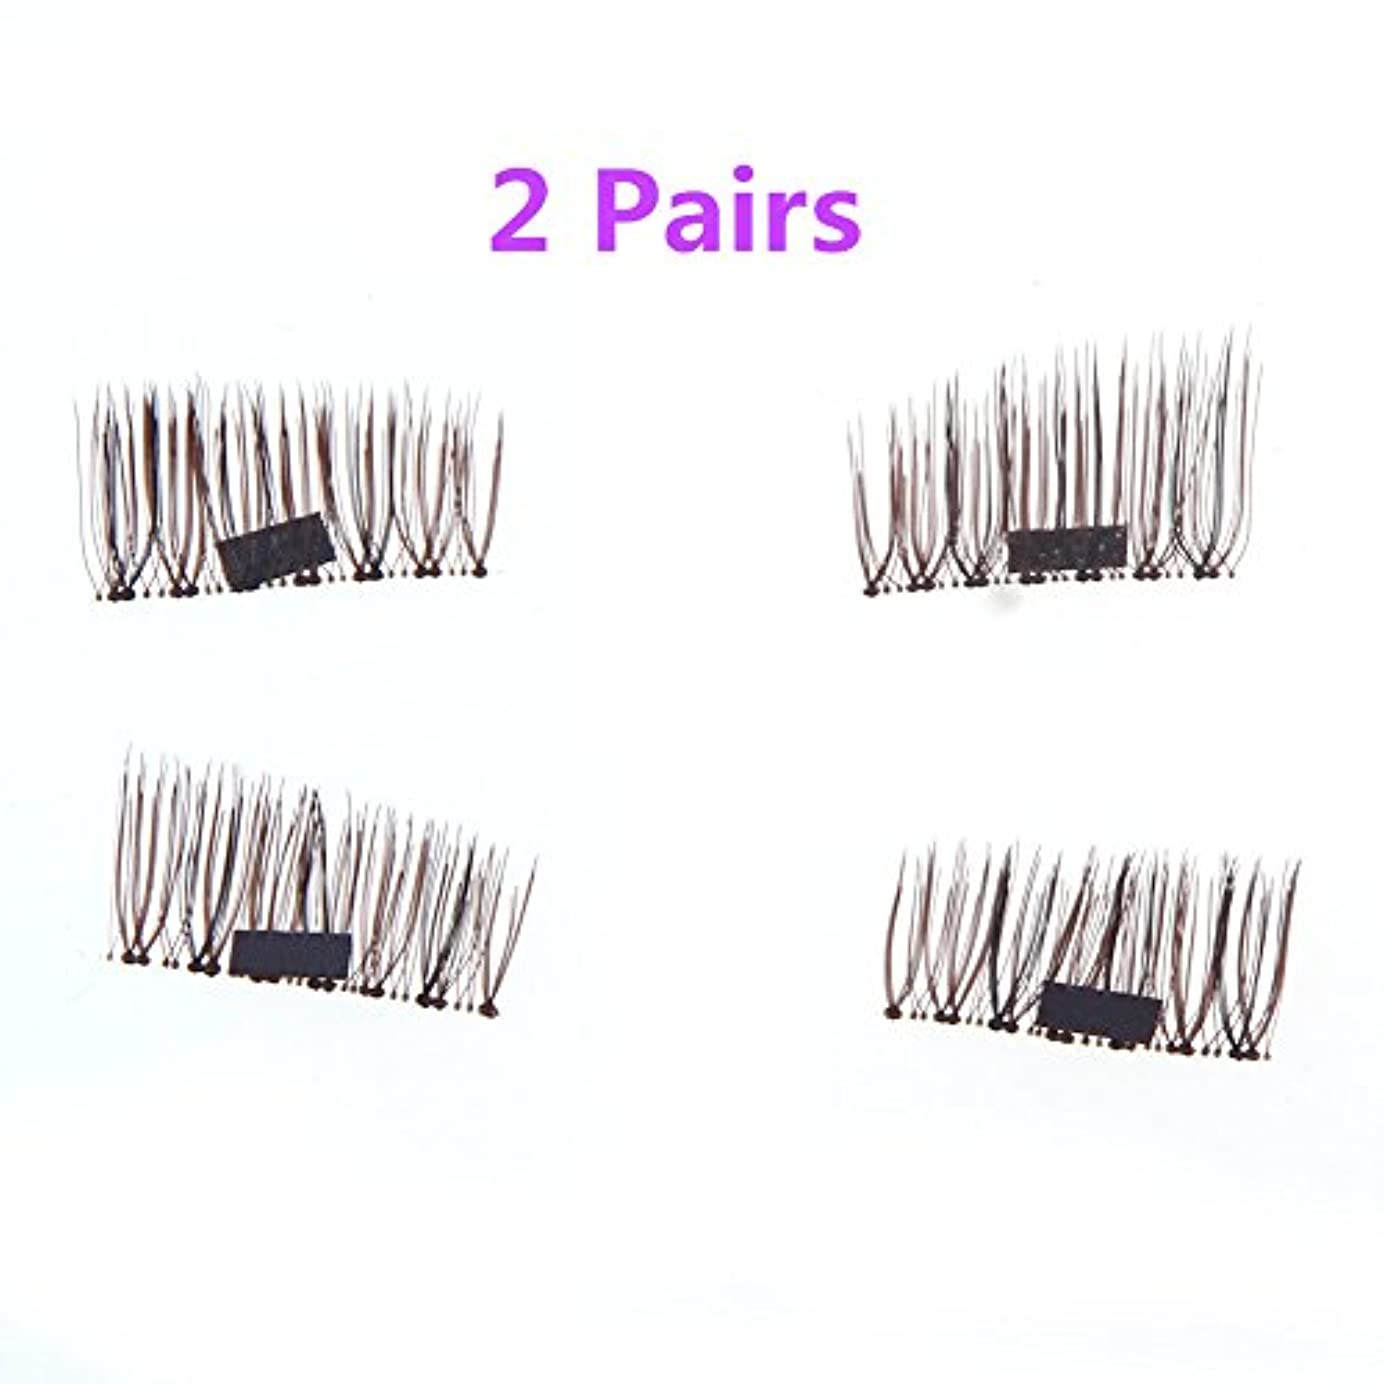 とにかく頂点交換可能Cozyrom 2ペアセット つけまつげ 磁気 3D マグネット 付け睫毛 Magnet eyelashes 磁性 長い 再利用可能 濃密 簡単に装着 手作り